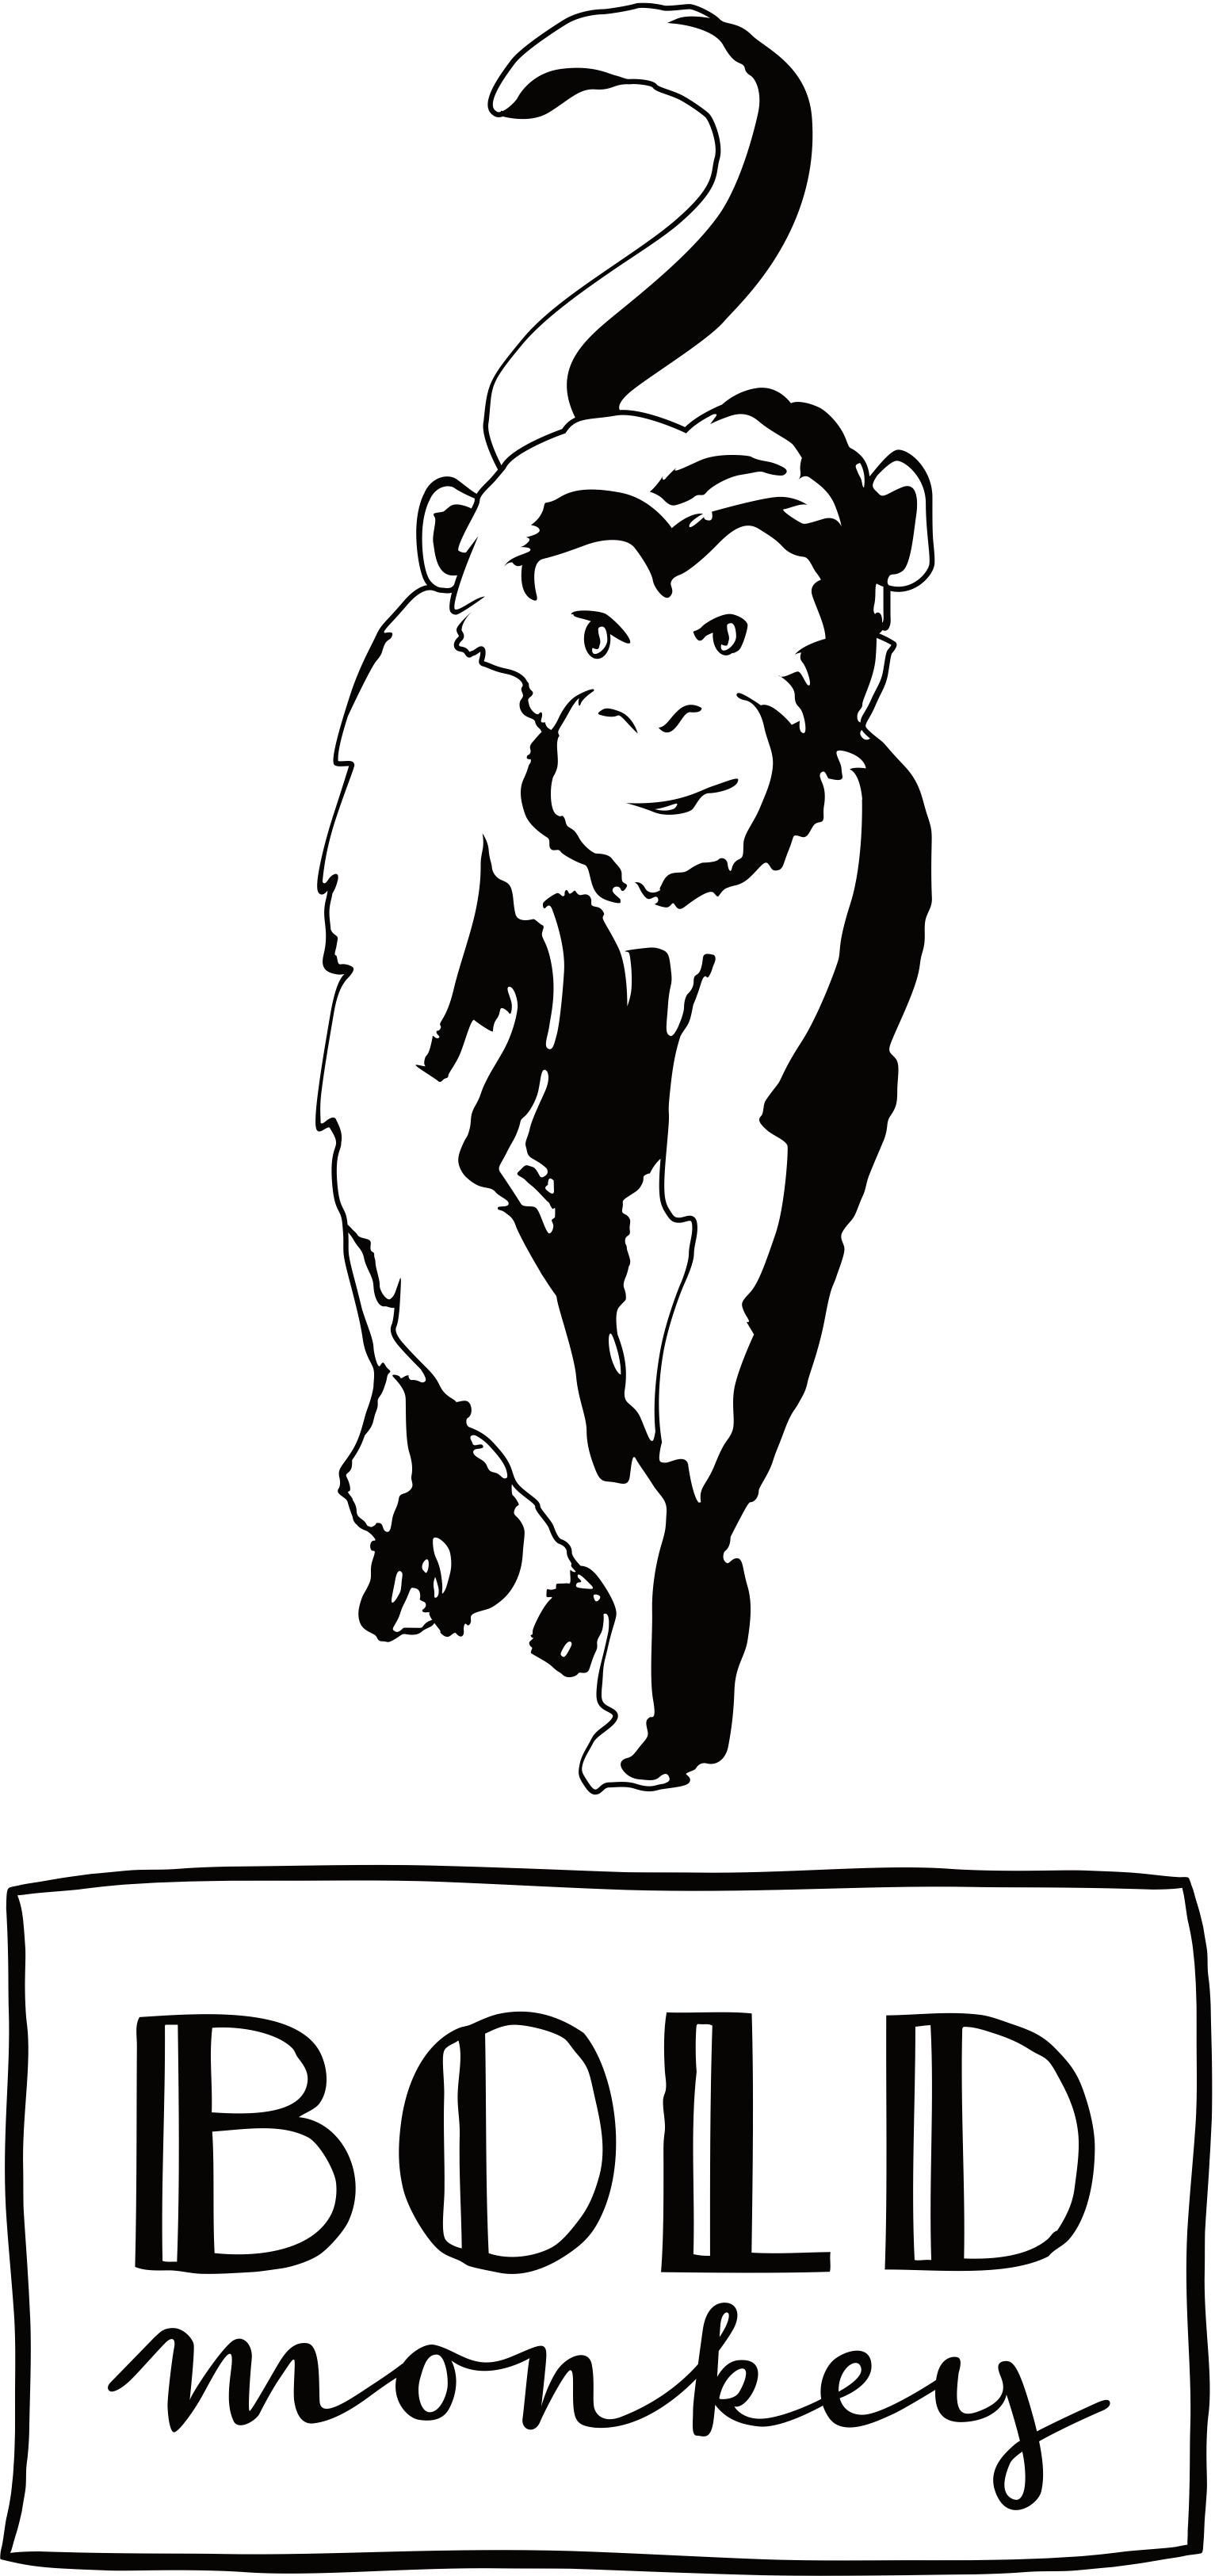 Bold Monkey Claws Out panter stoel eetkamerstoel met rugleuning dierenprint